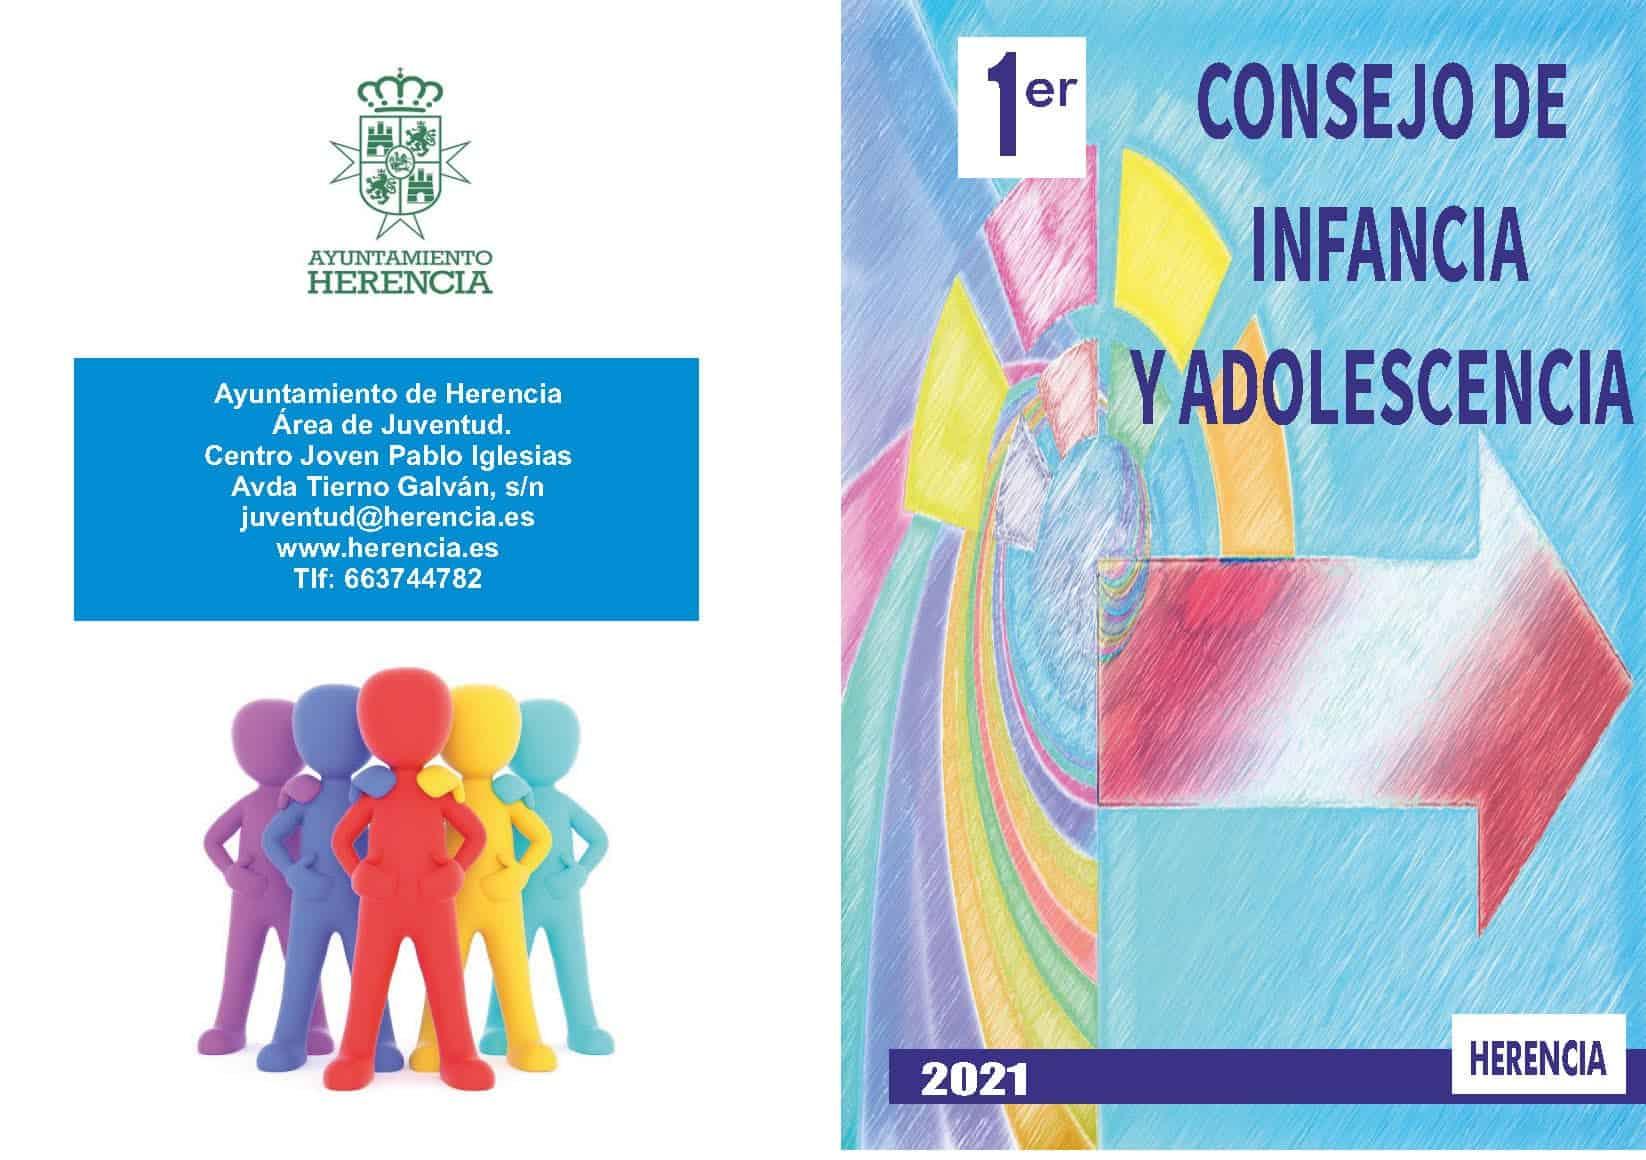 Constituido oficialmente el Consejo de Infancia y Adolescencia en Herencia 5